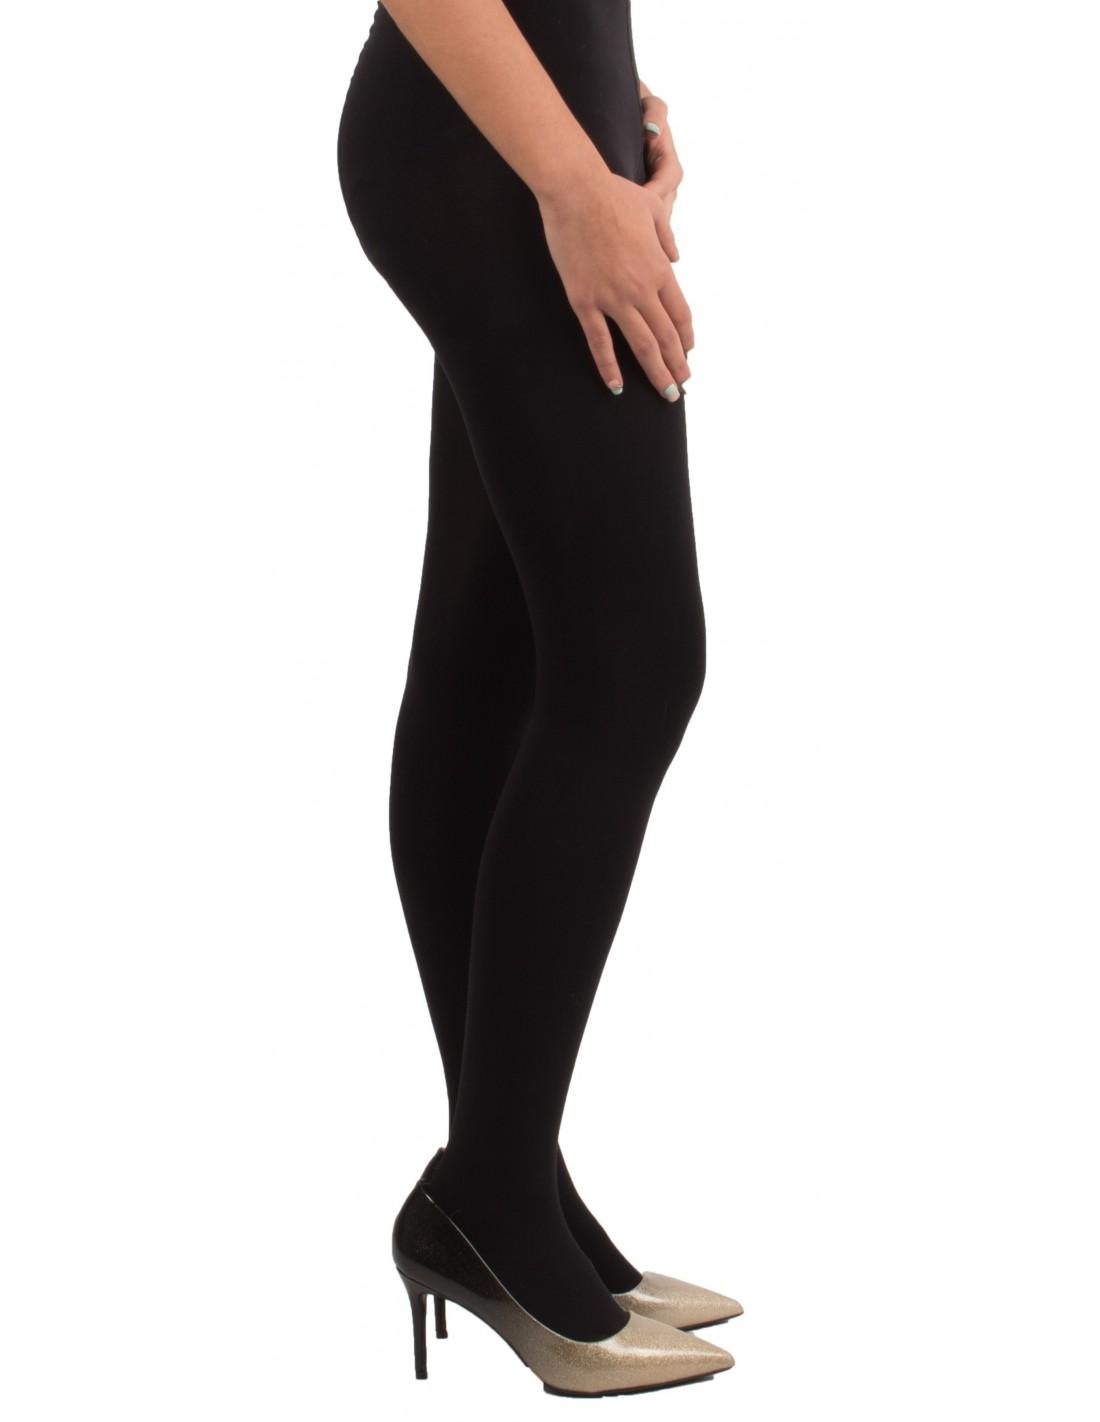 b1570f86512 Collant opaque noir femme 80 Deniers culotte confortable sans couture